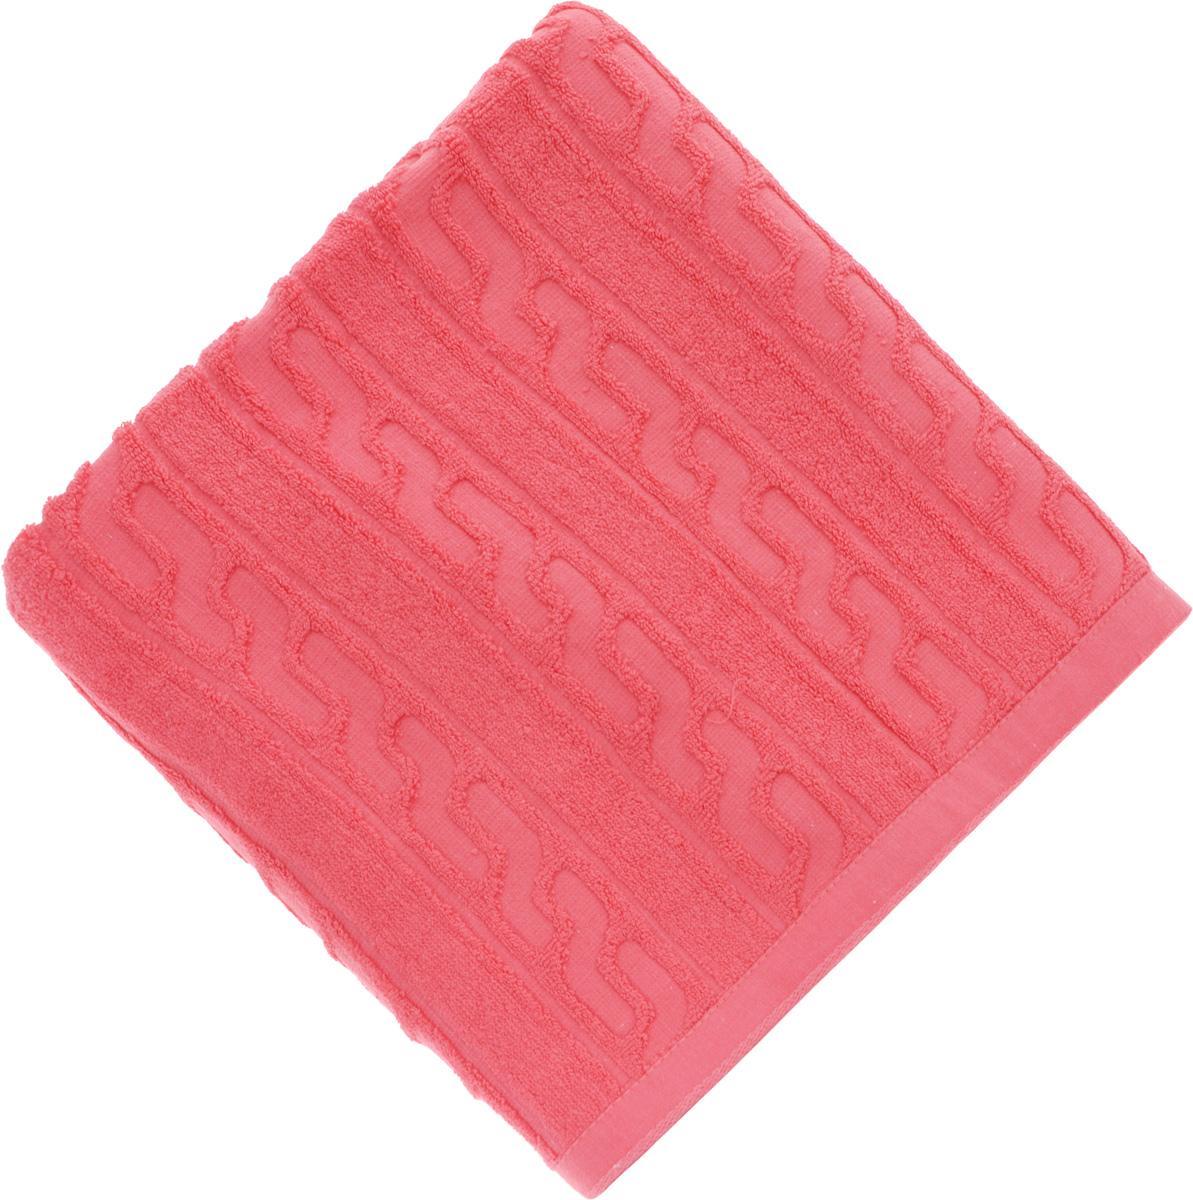 Полотенце Soavita Paolo, цвет: красный, 50 х 90 смES-412Полотенце Soavita Paolo выполнено из 100% хлопка. Изделие отлично впитывает влагу, быстро сохнет, сохраняет яркость цвета и не теряет форму даже после многократных стирок. Полотенце очень практично и неприхотливо в уходе. Оно создаст прекрасное настроение и украсит интерьер в ванной комнате.